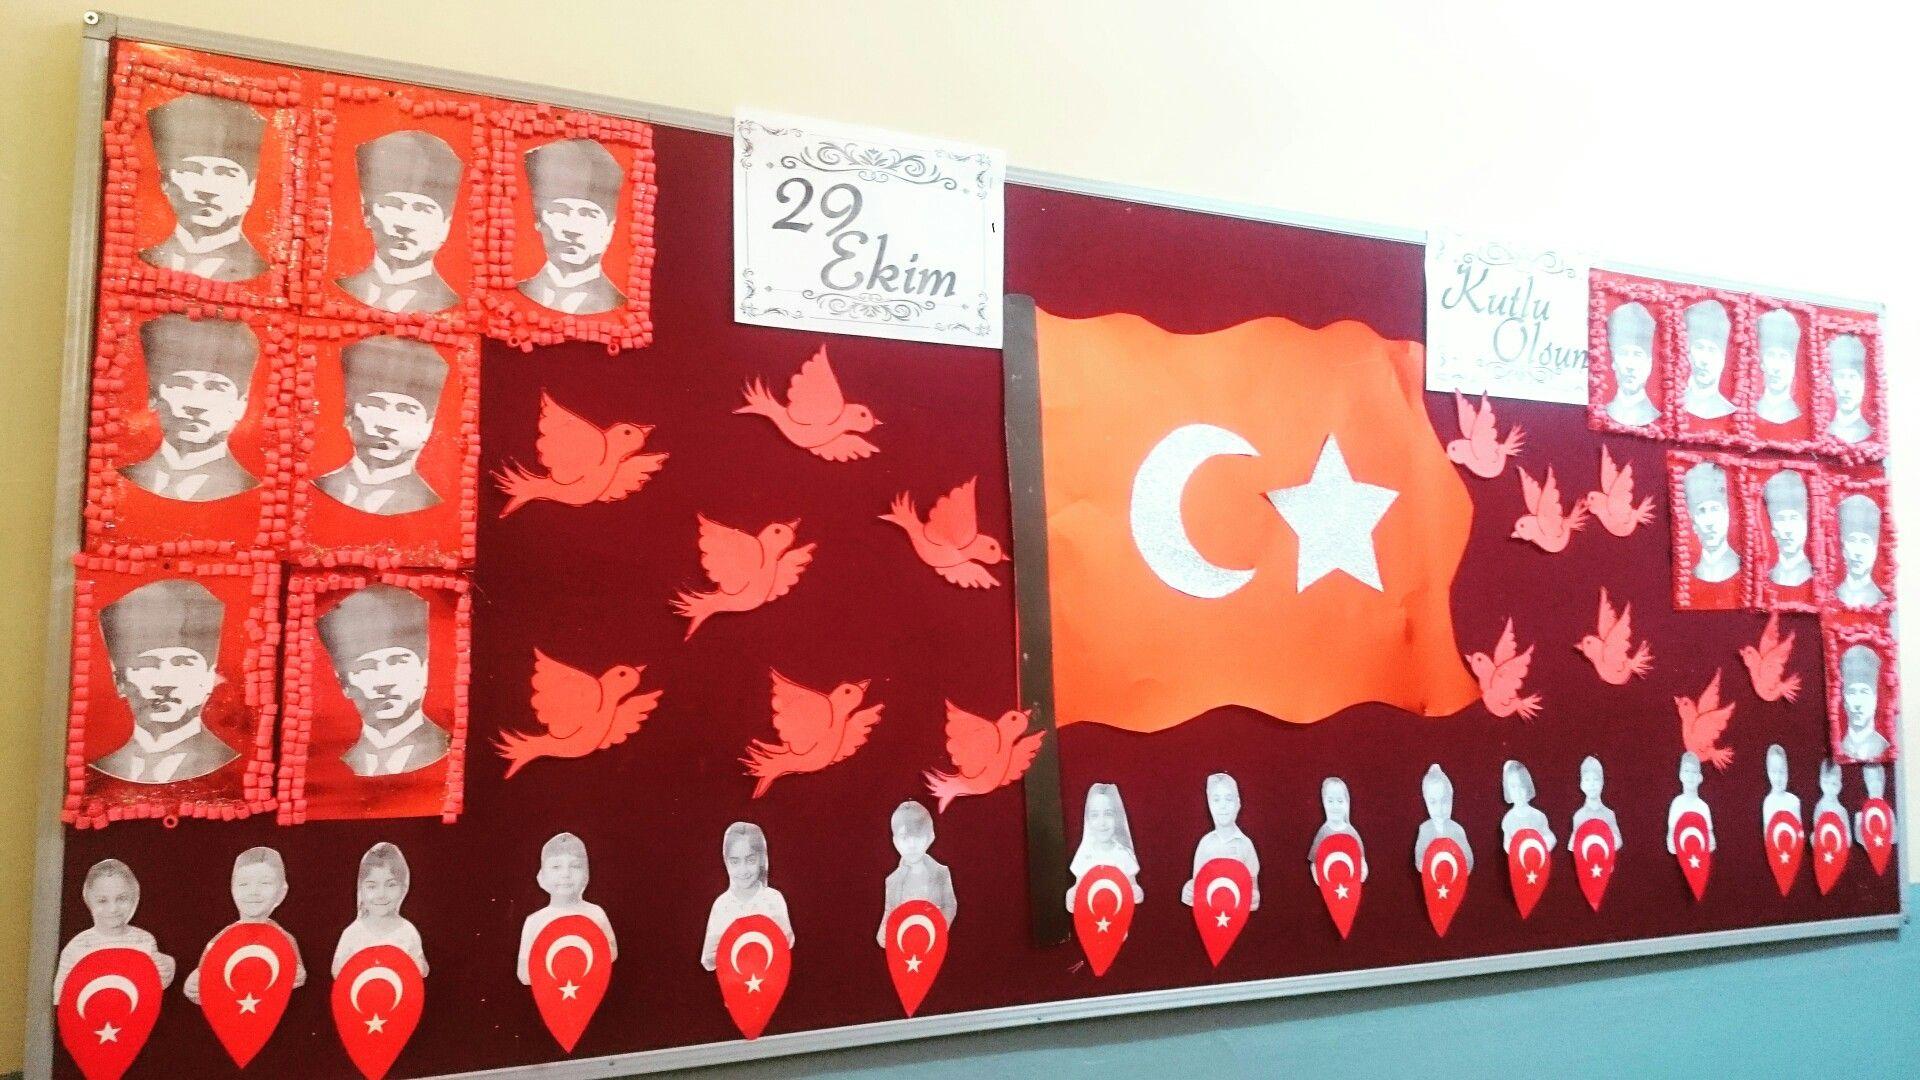 Makarna Boyama Ile Ataturk Cercevesi Ekim